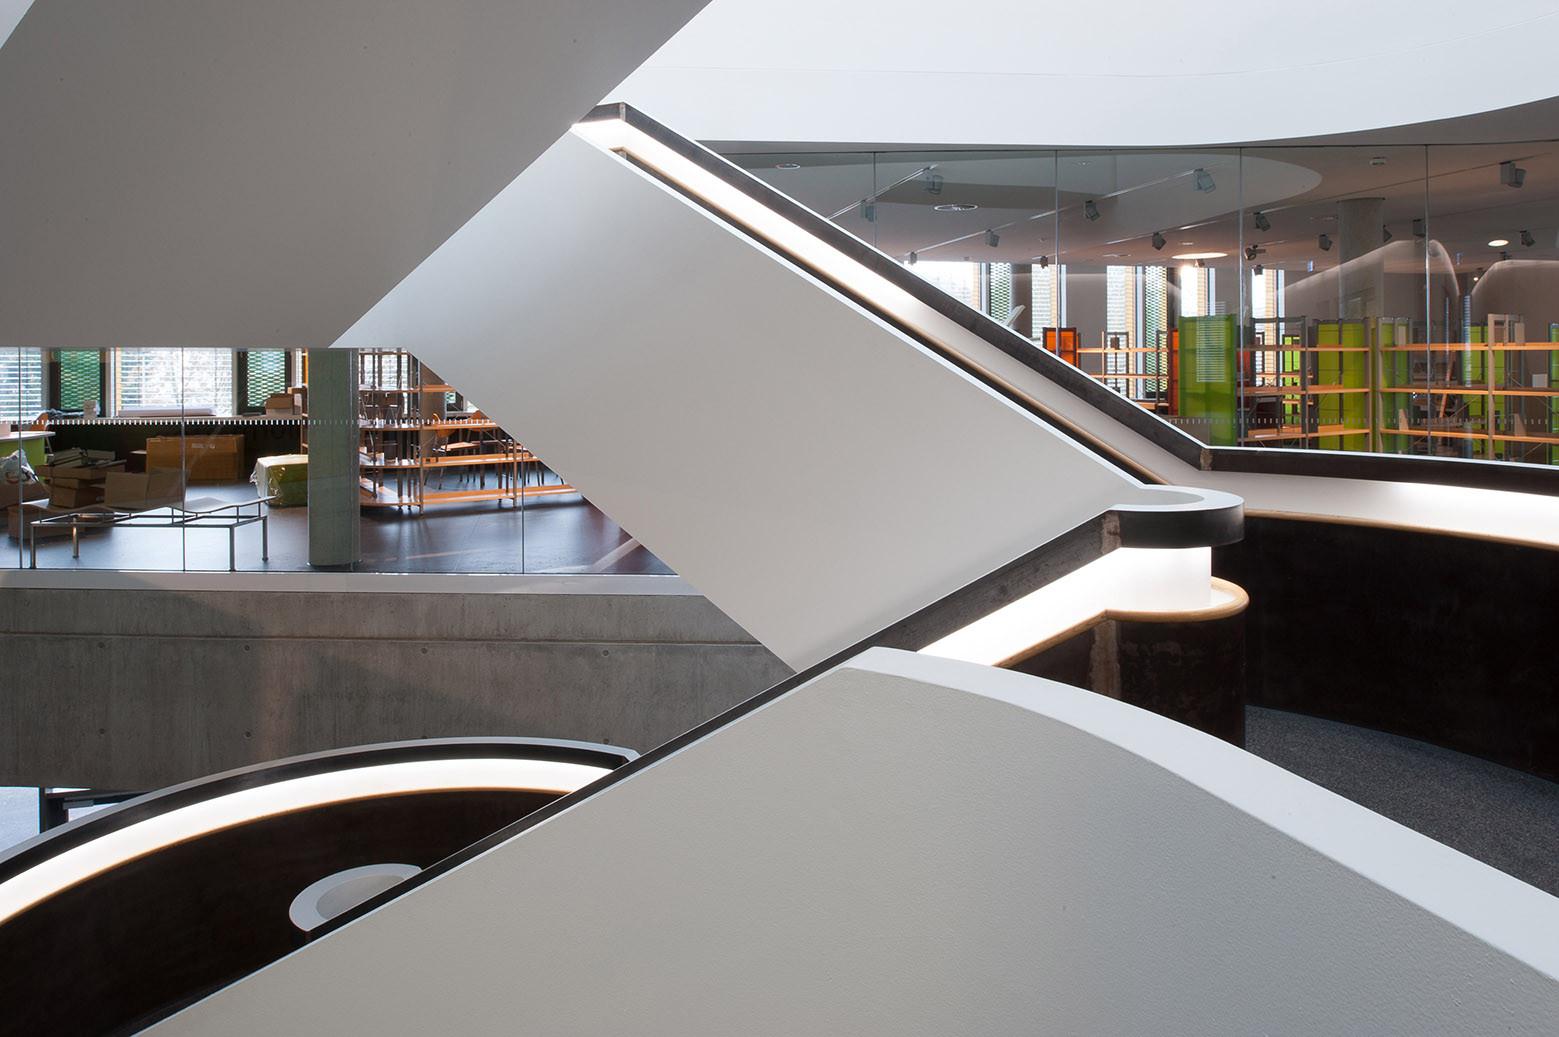 Architekten Biberach gallery of learning centre biberach lanz schwager architekten 37